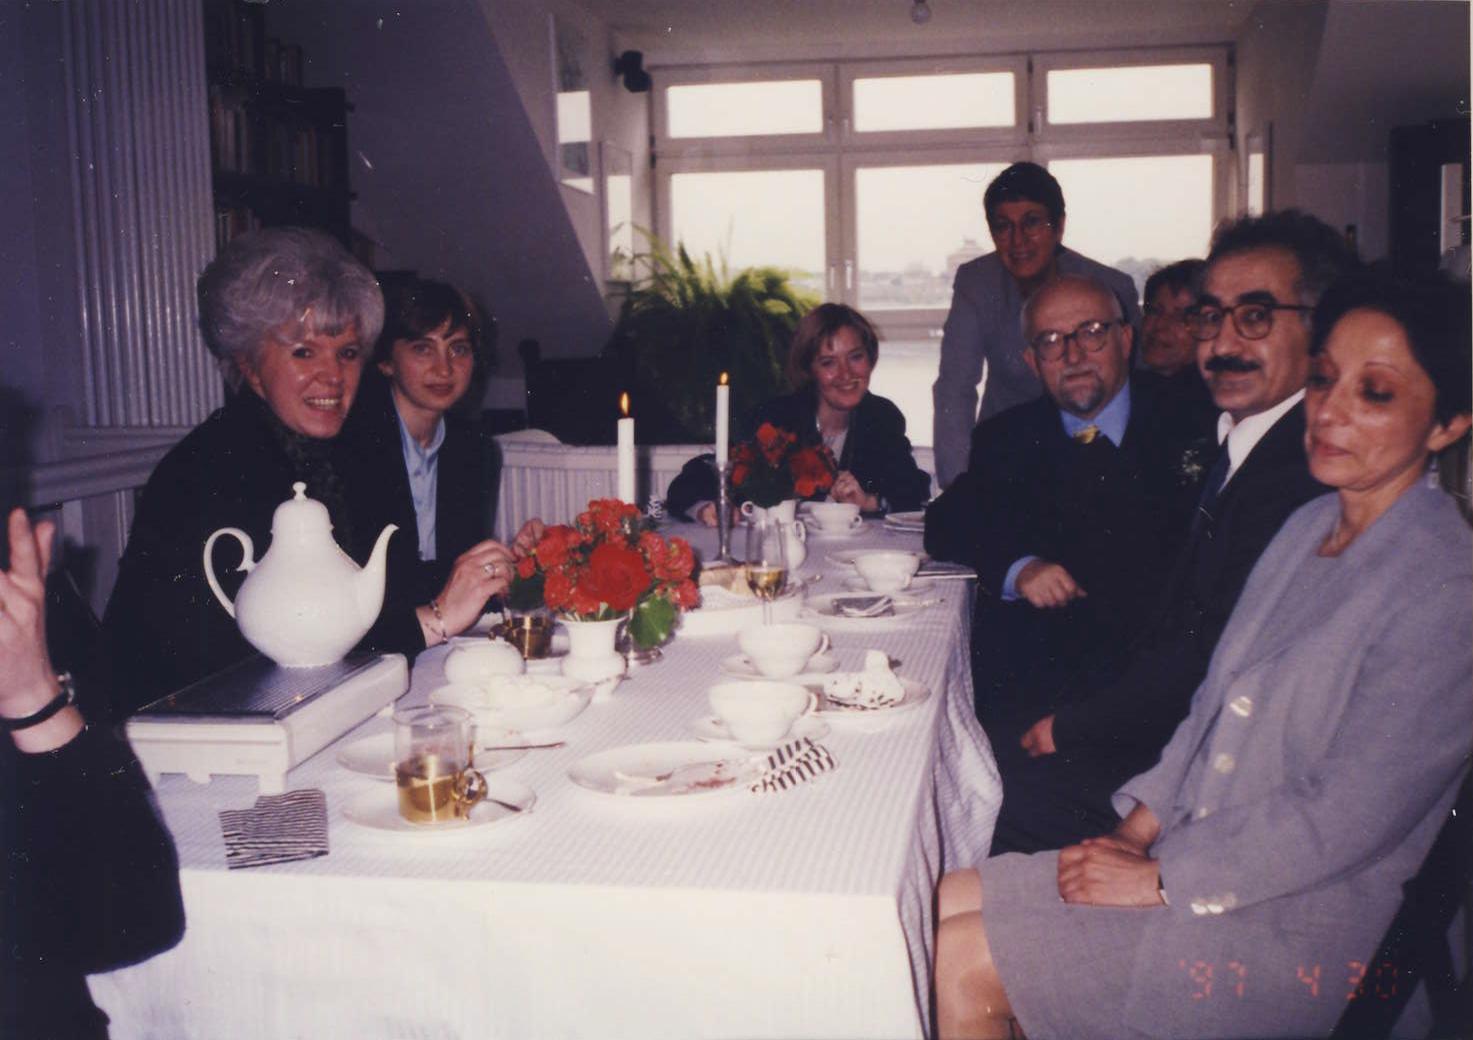 Při svatbě mého přitele Bernharda von Grünberga po mém propouštění z vazby v ČR-1997